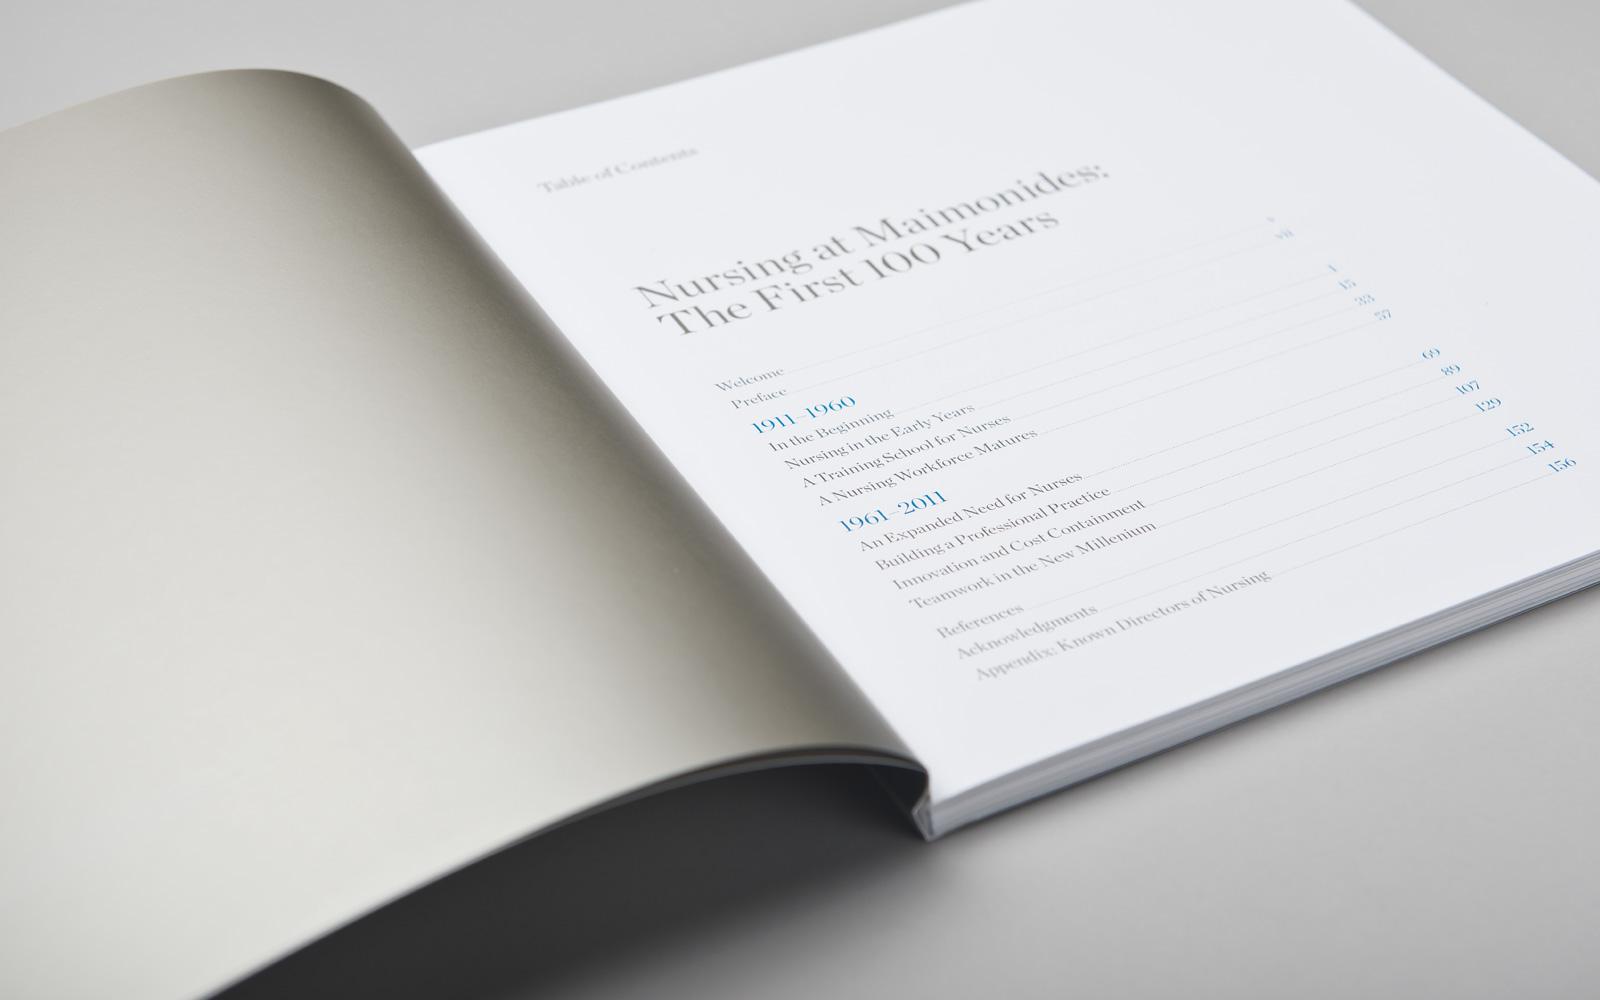 Nursing Centennial Book - Table of Contents